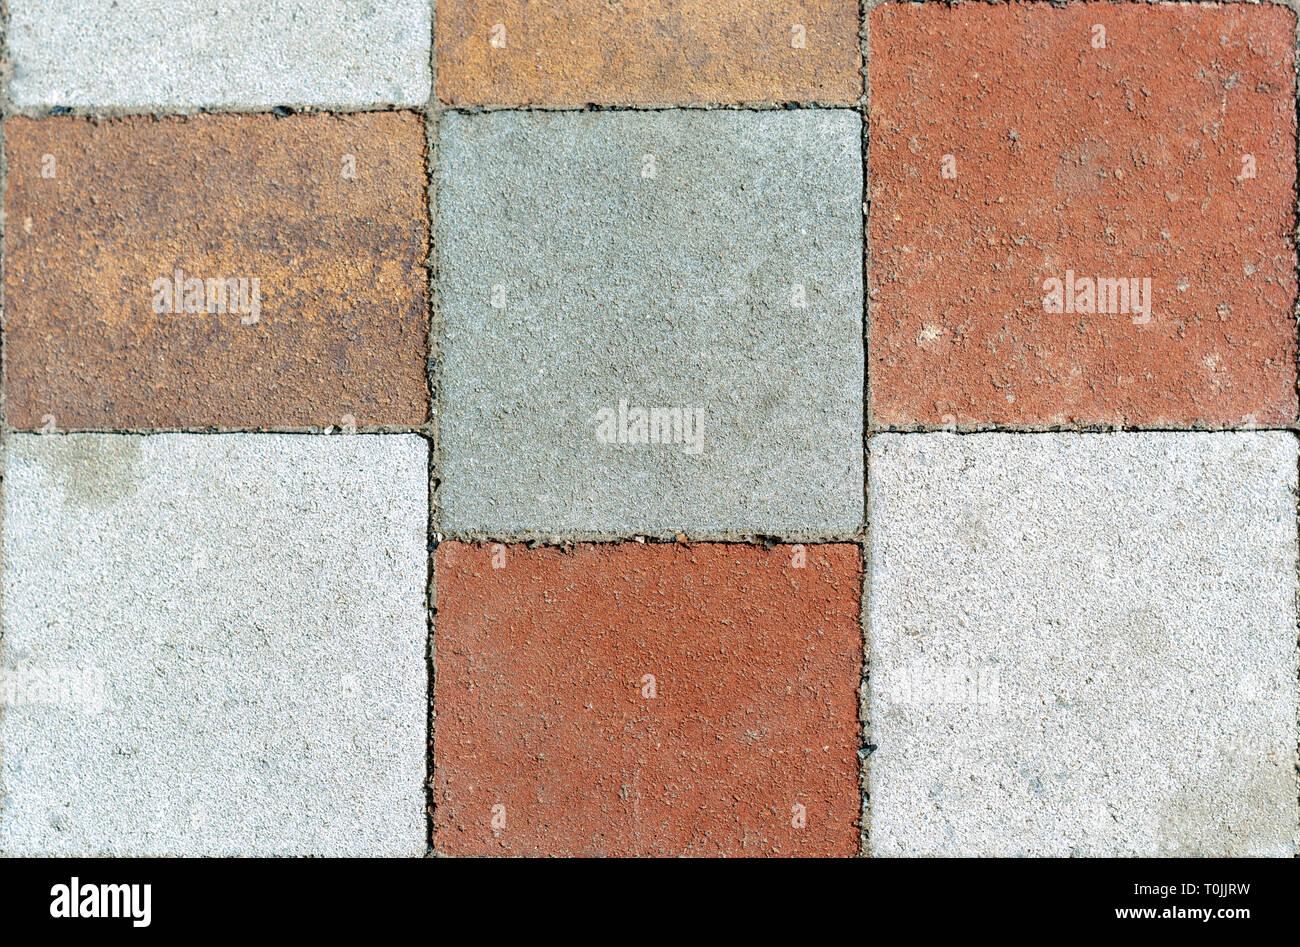 Piastrelle quadrate texture piastrella da interno da pavimento